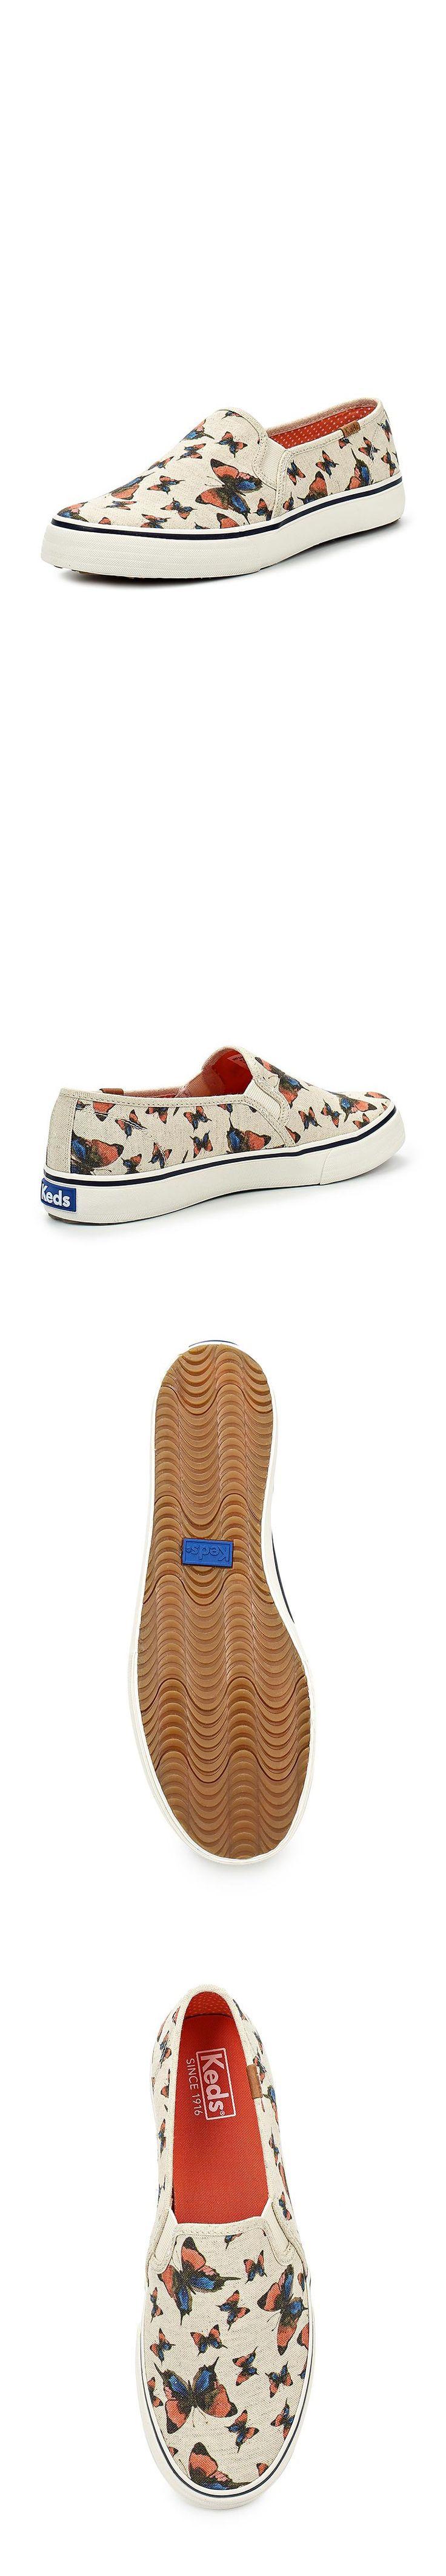 Женская обувь слипоны Keds за 3840.00 руб.